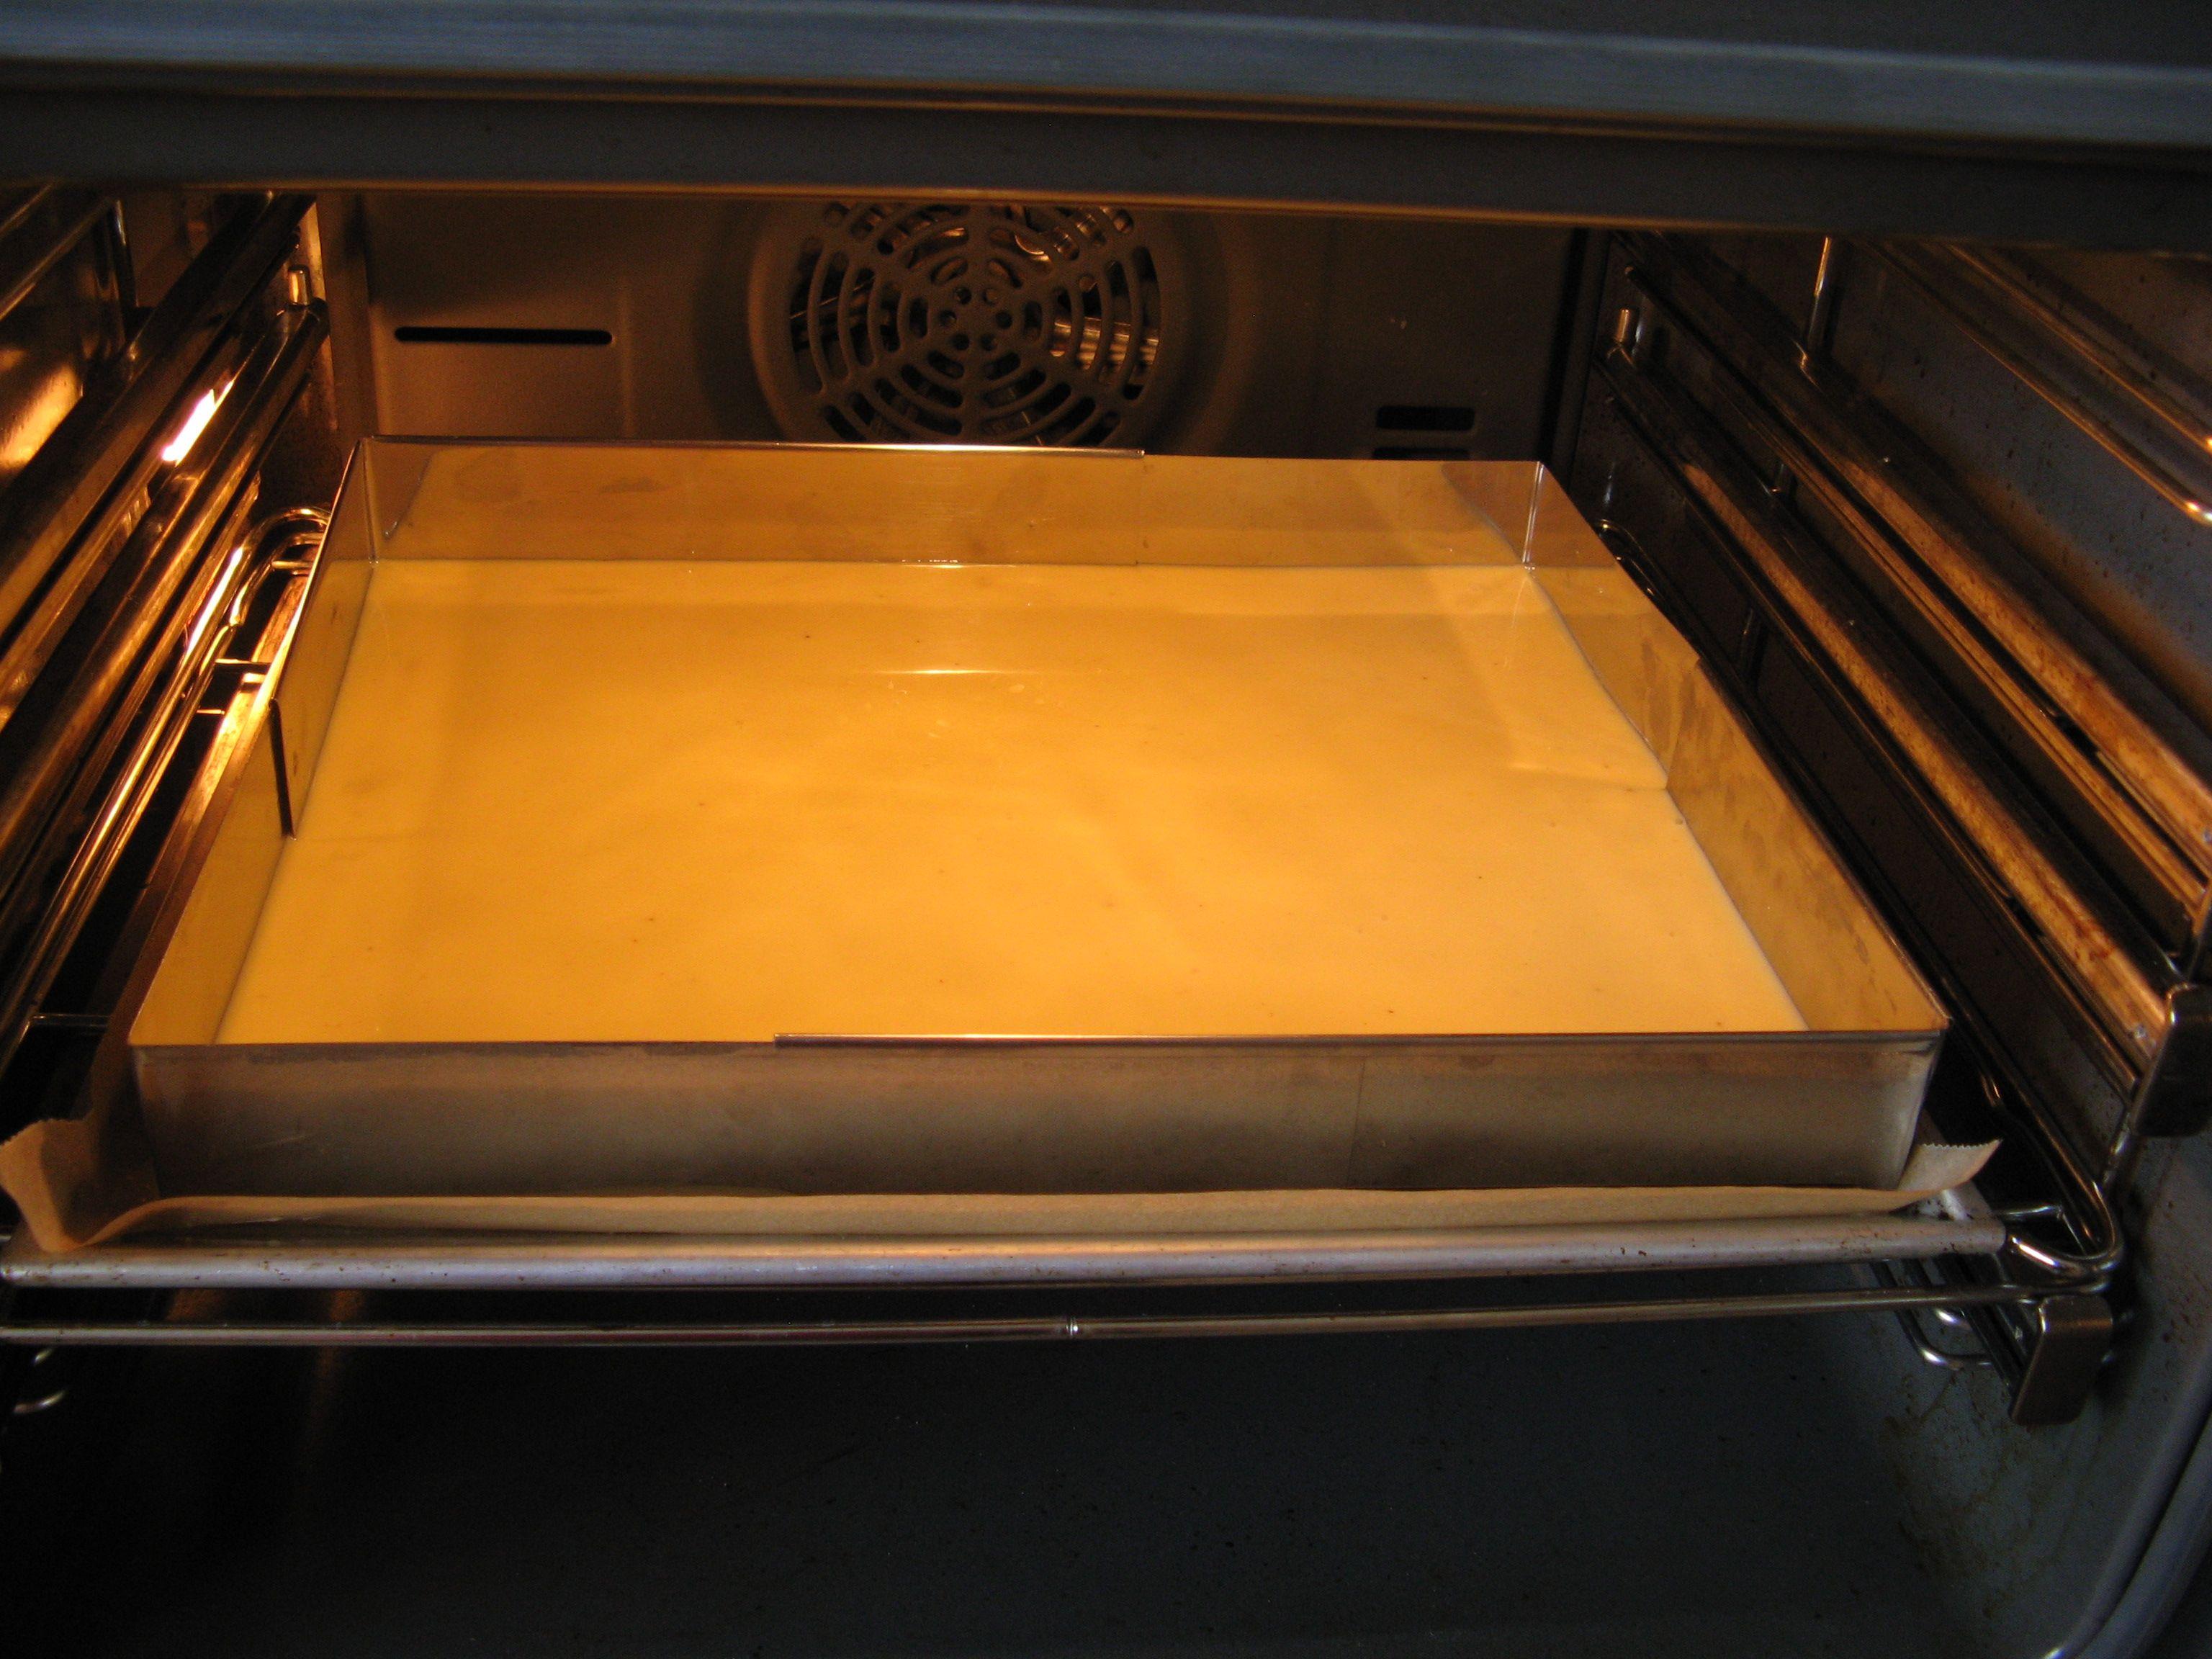 Rezept Fanta-Kuchen mit Pfirsich-Schmand auf dem Blech von HXENZAUBER - Rezept der Kategorie Backen süß